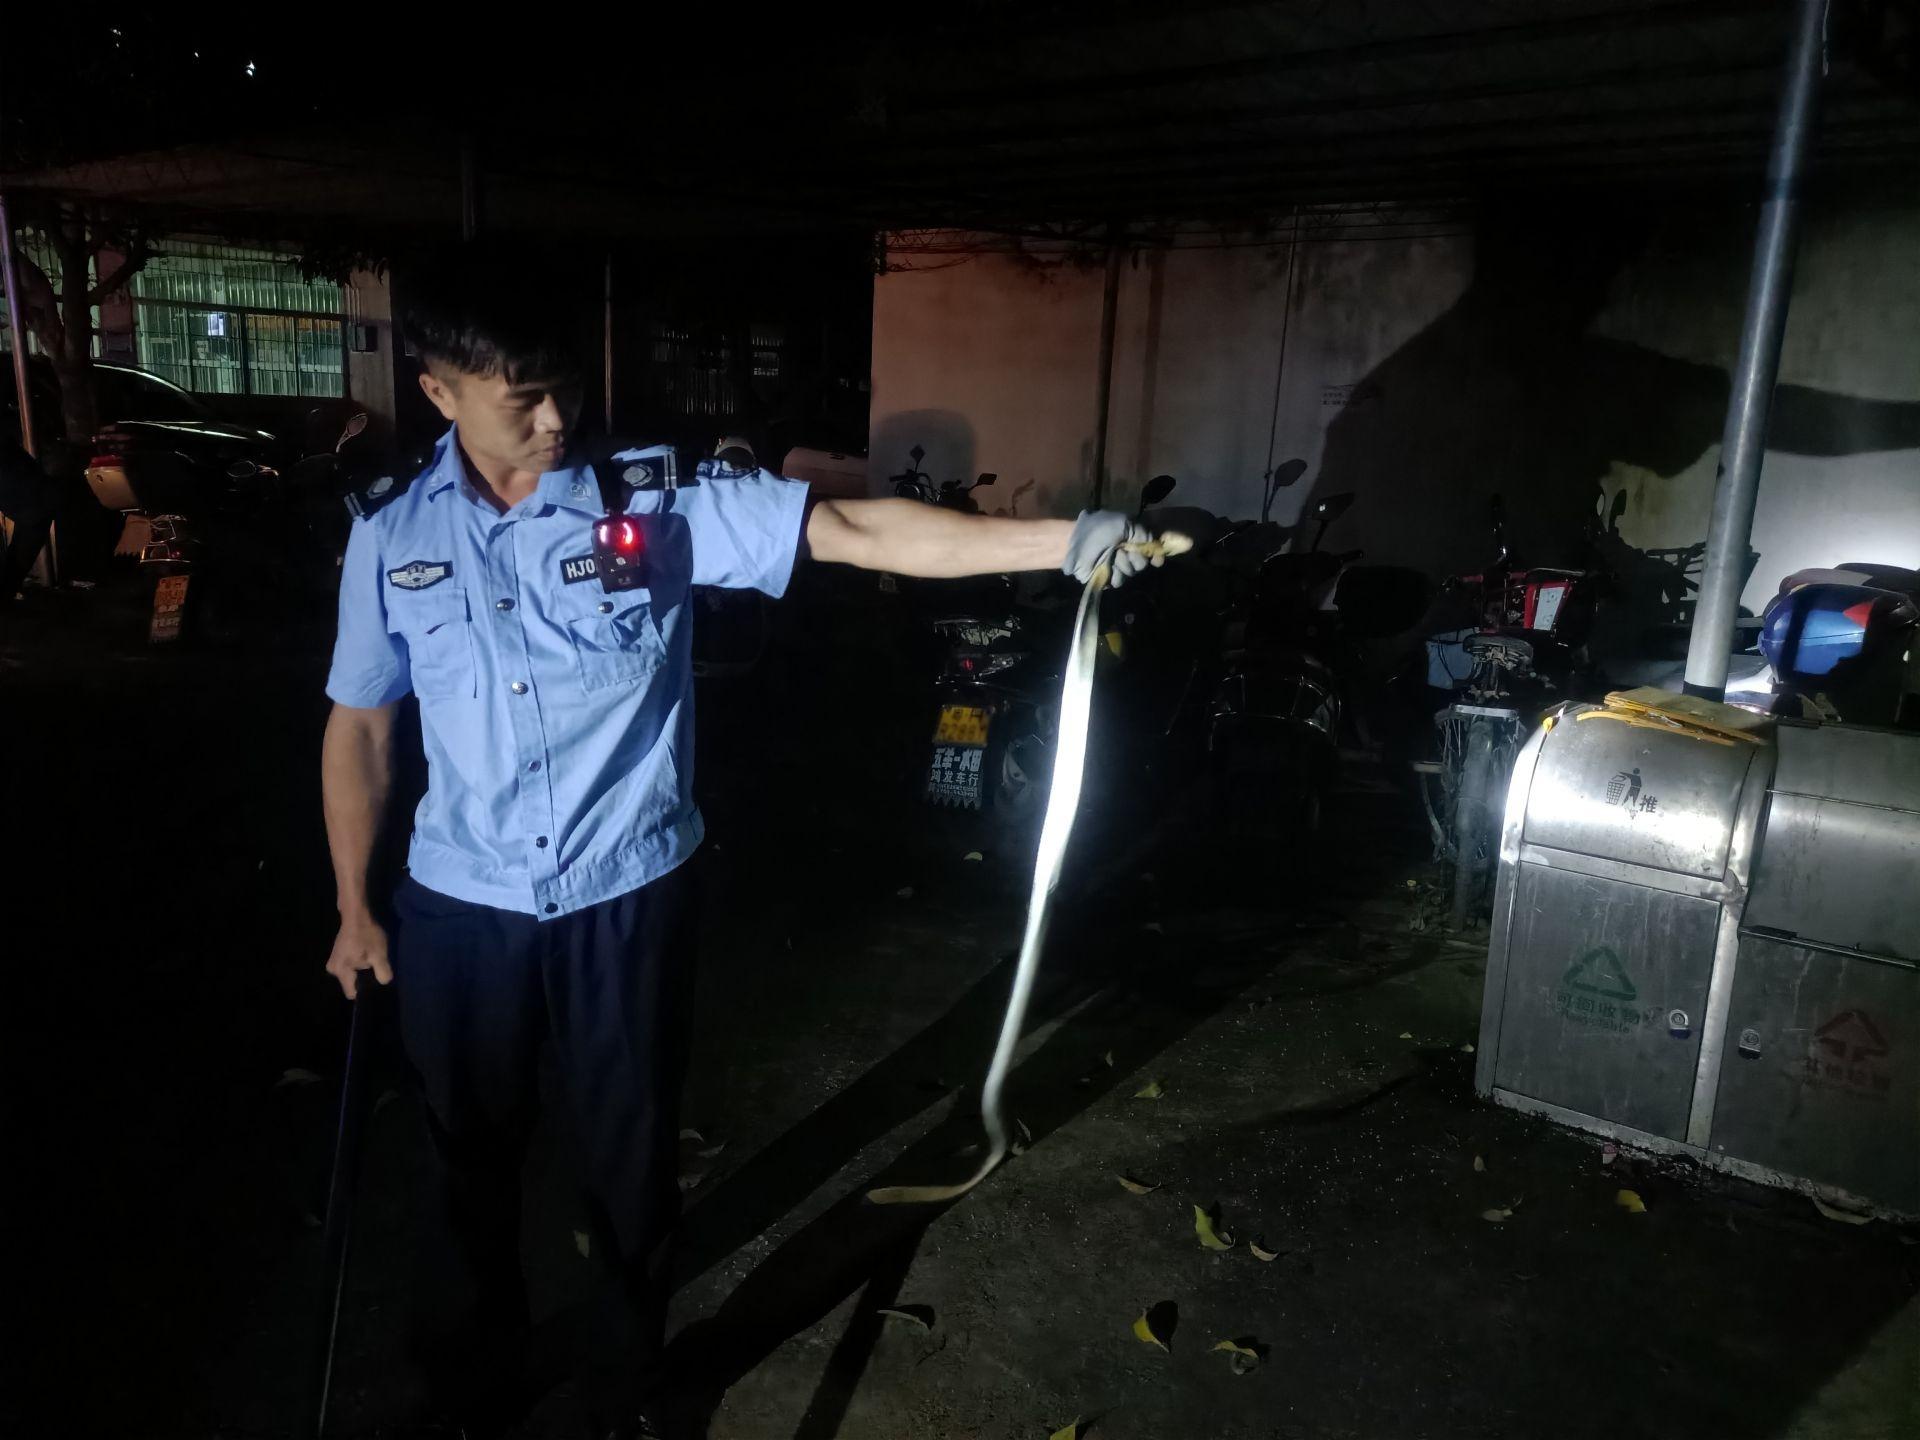 肇庆市怀集县警方深夜校园捕毒蛇,护师生平安